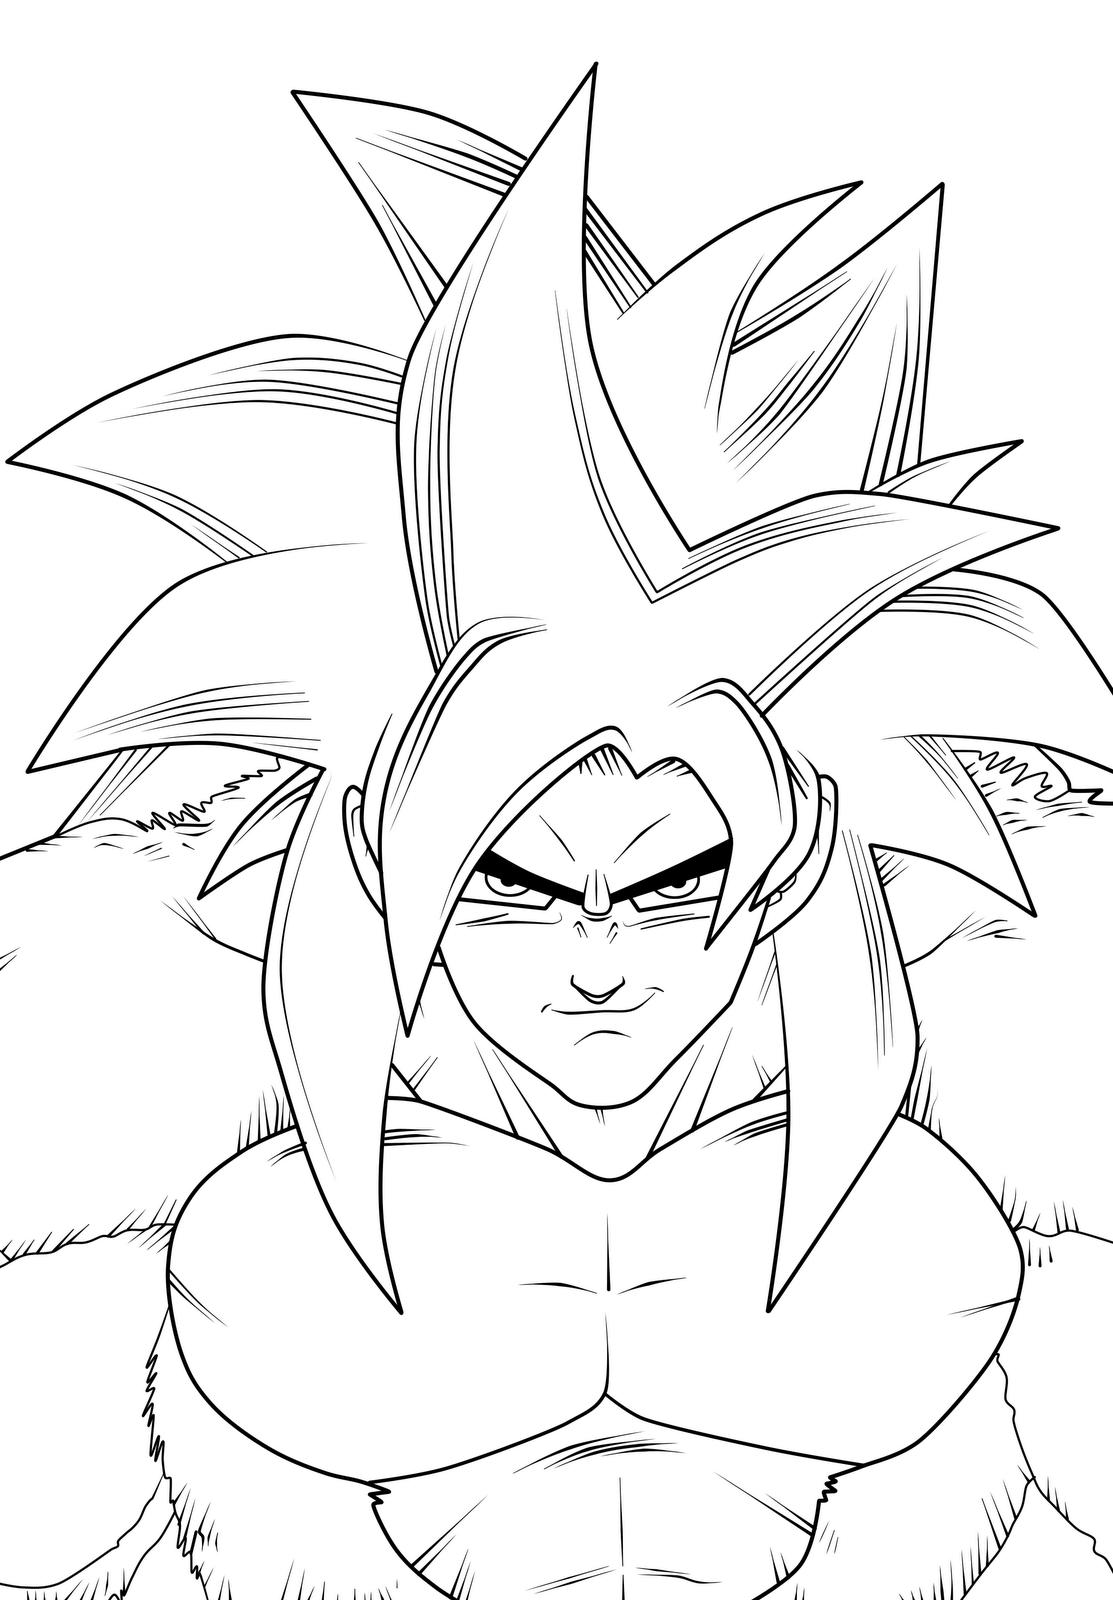 Colorir Desenhos Dragon Ball Z Desenhos O Esboco Do Dragao